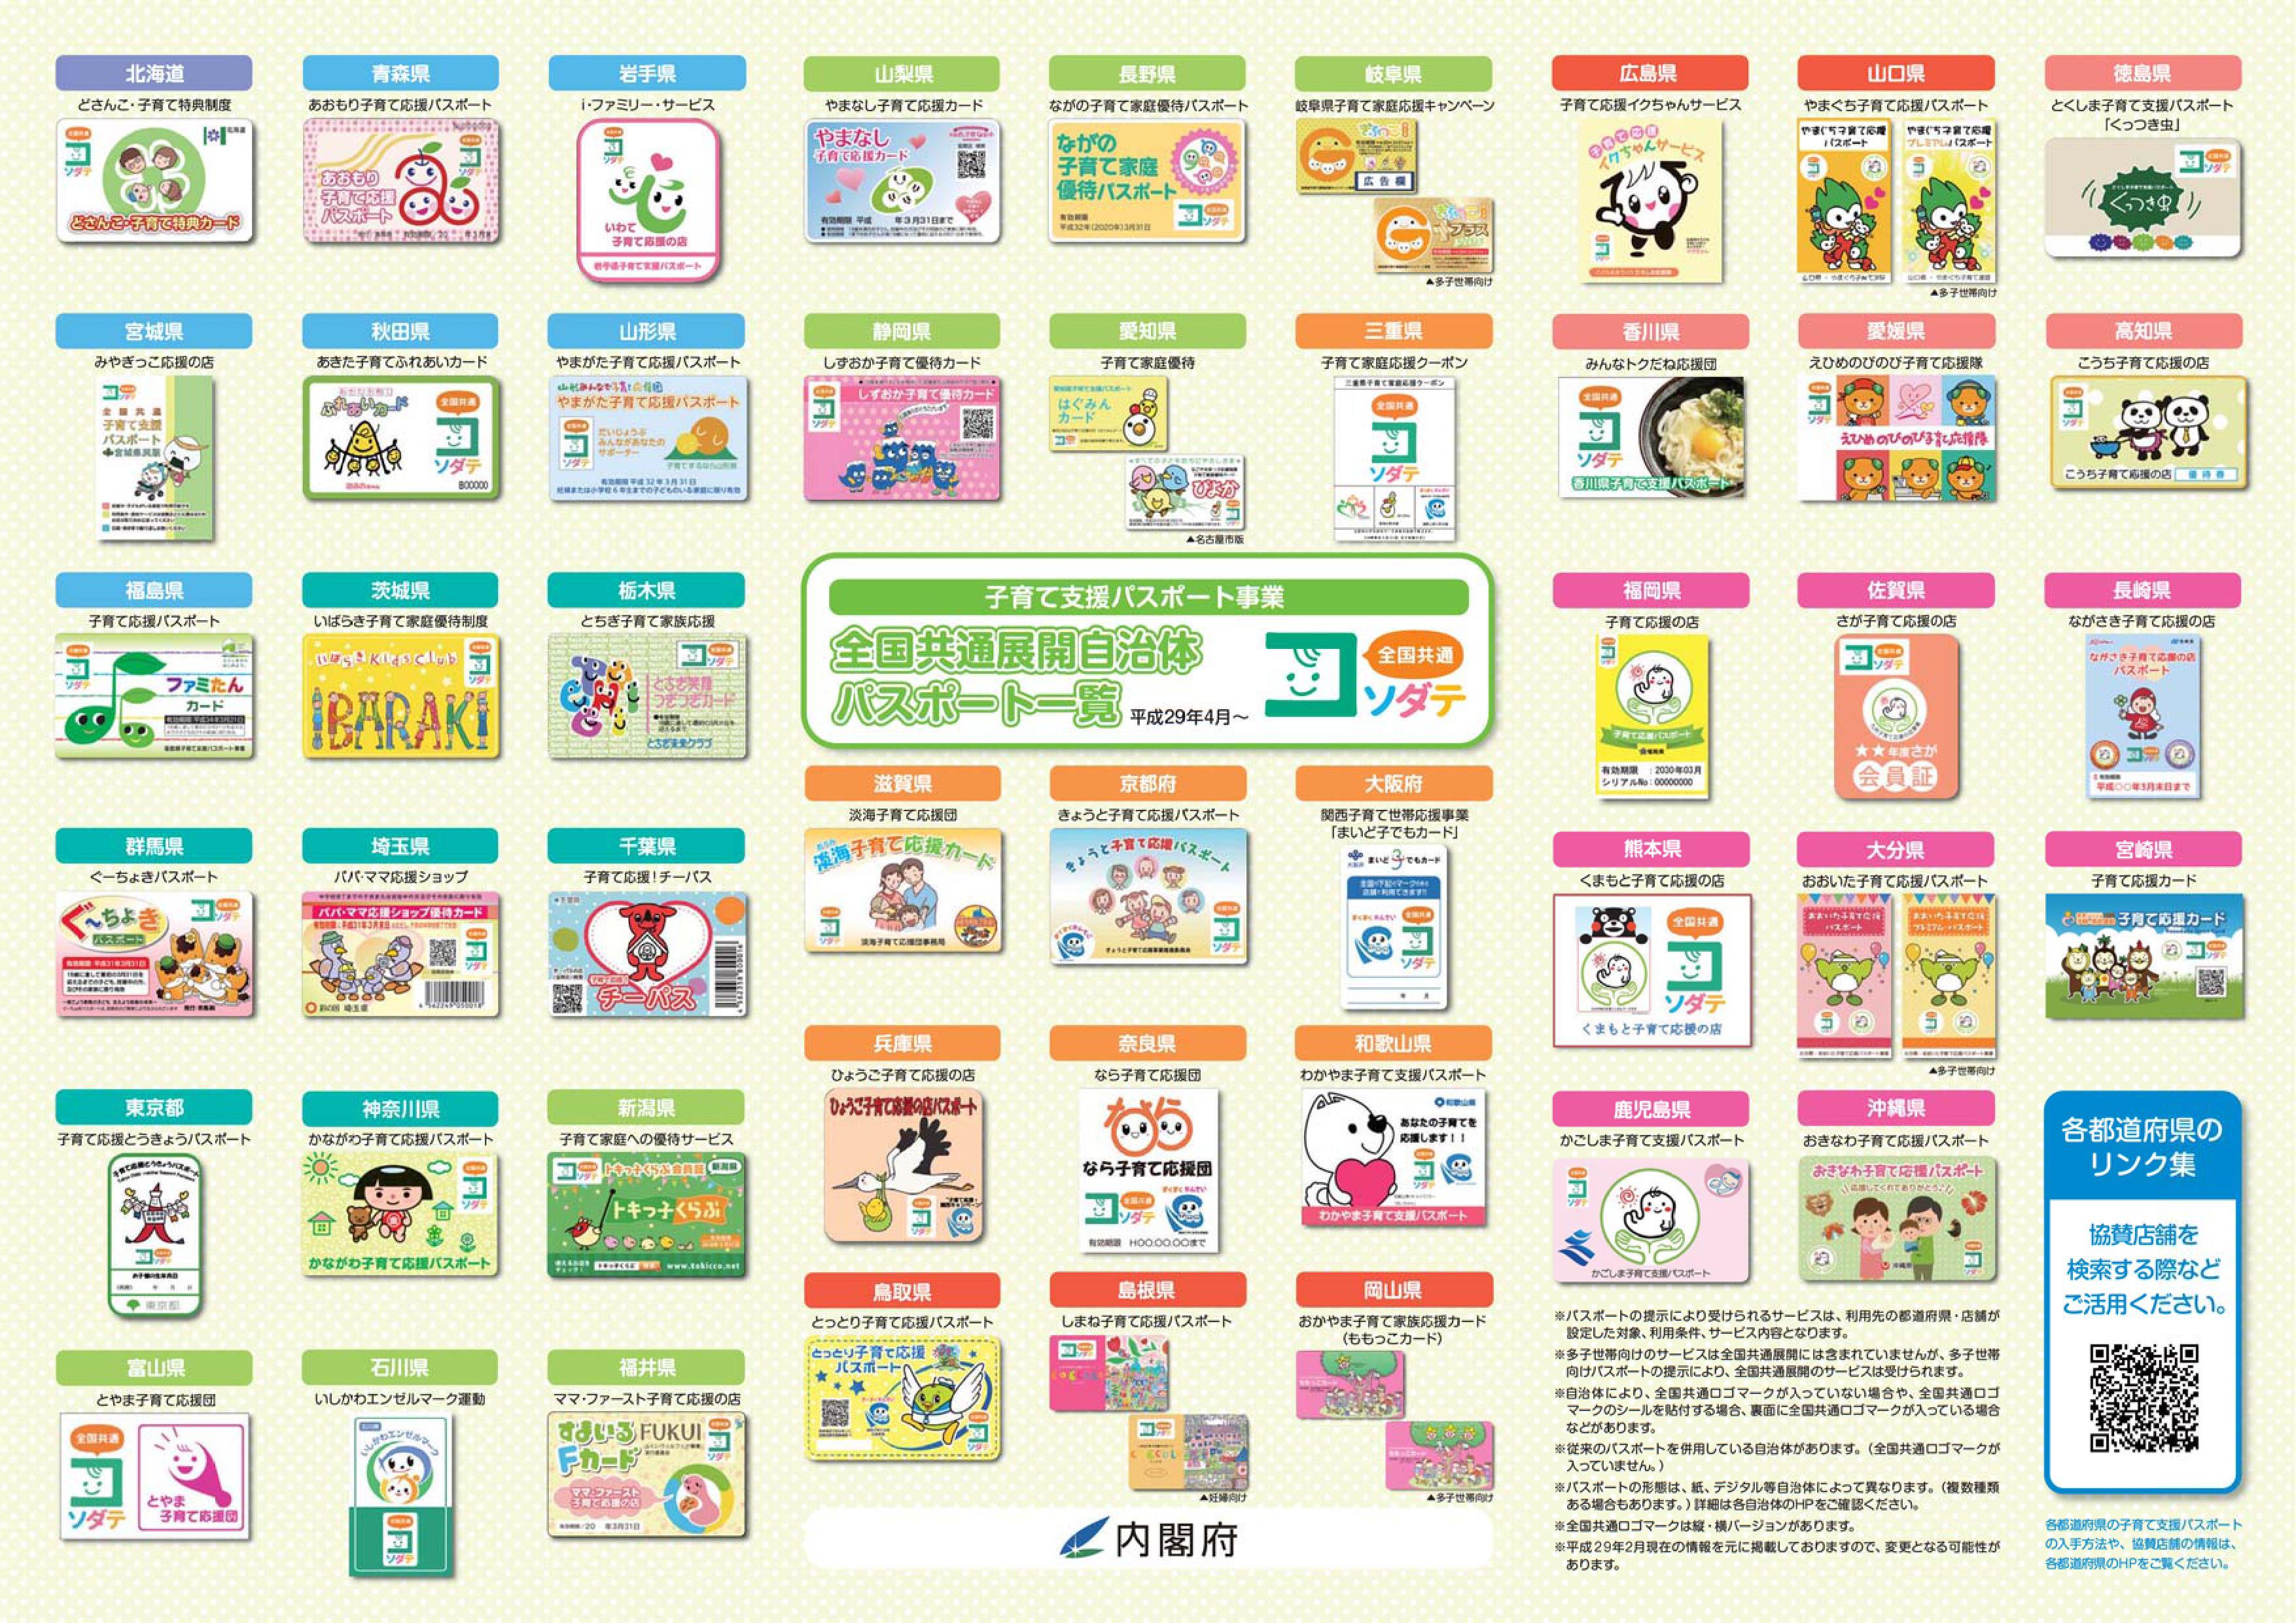 全国子育て支援パスポート一覧見本